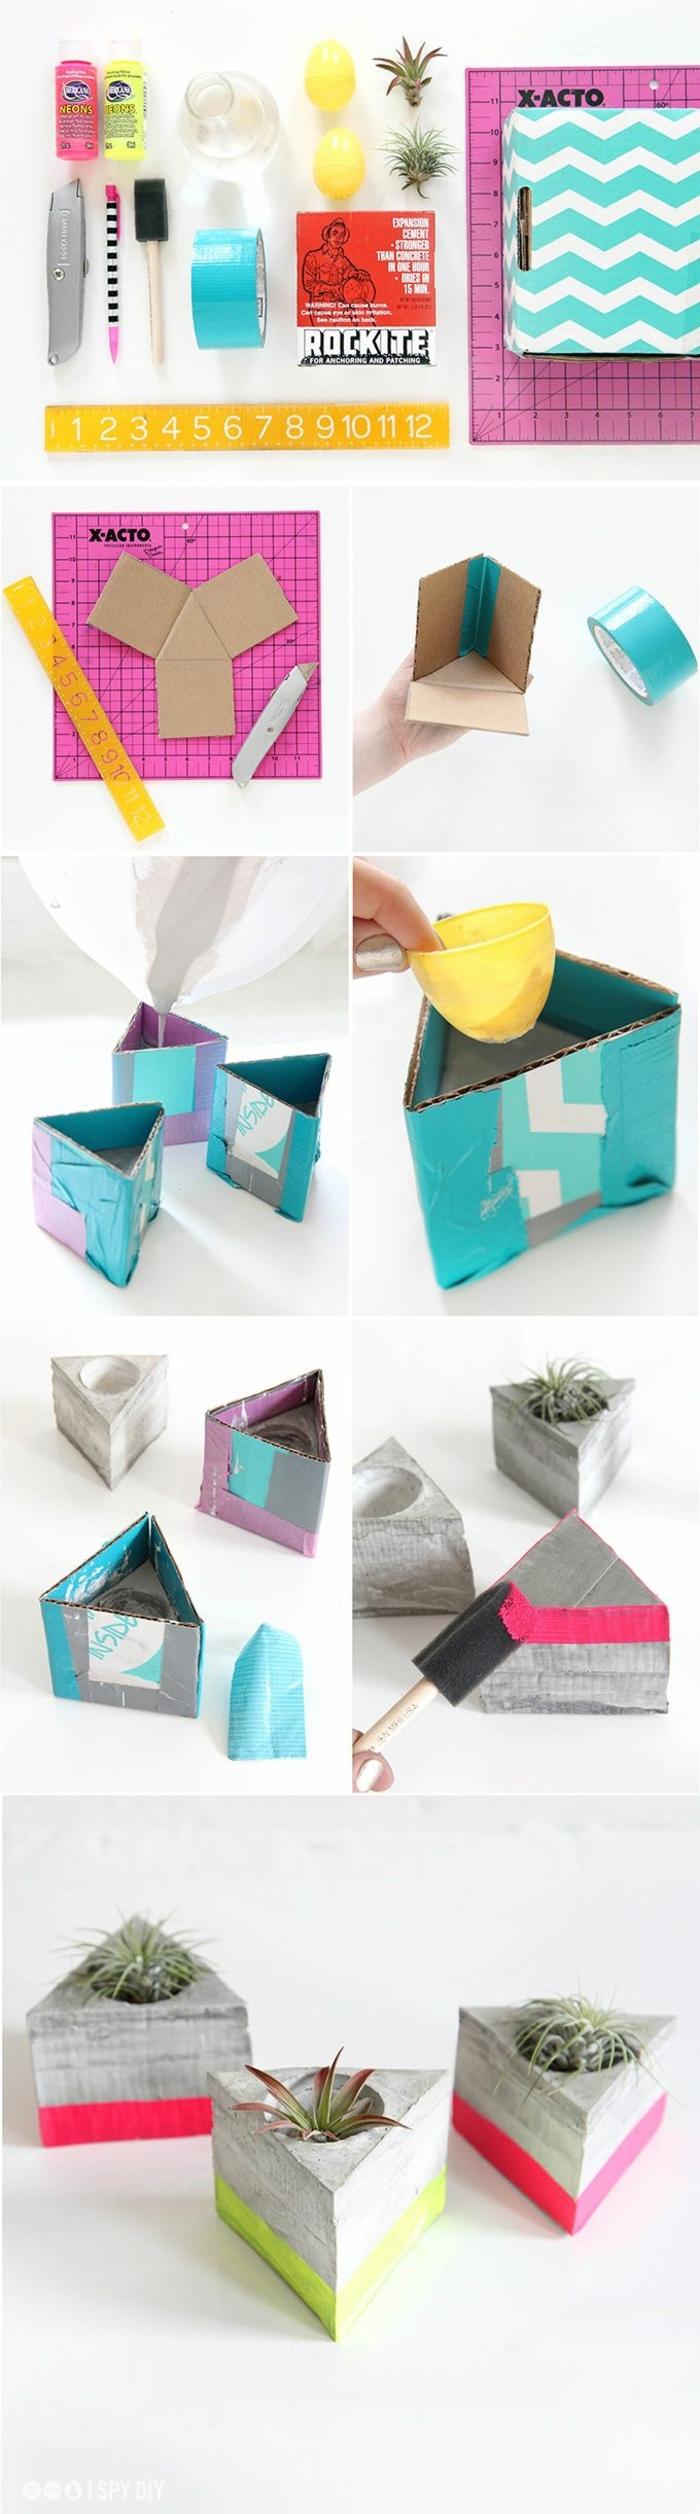 Bastelbedarf und Anleitungen zum machen von kleinem Pflanzenbehälter, Blumenkübel selber bauen Beton